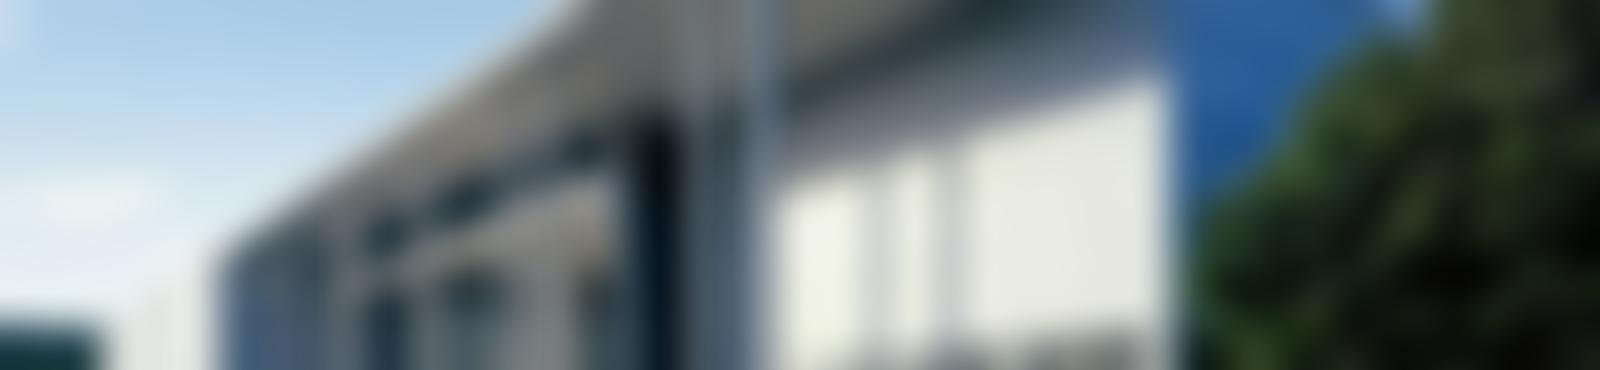 Blurred pinakothek der moderne1  1280x768